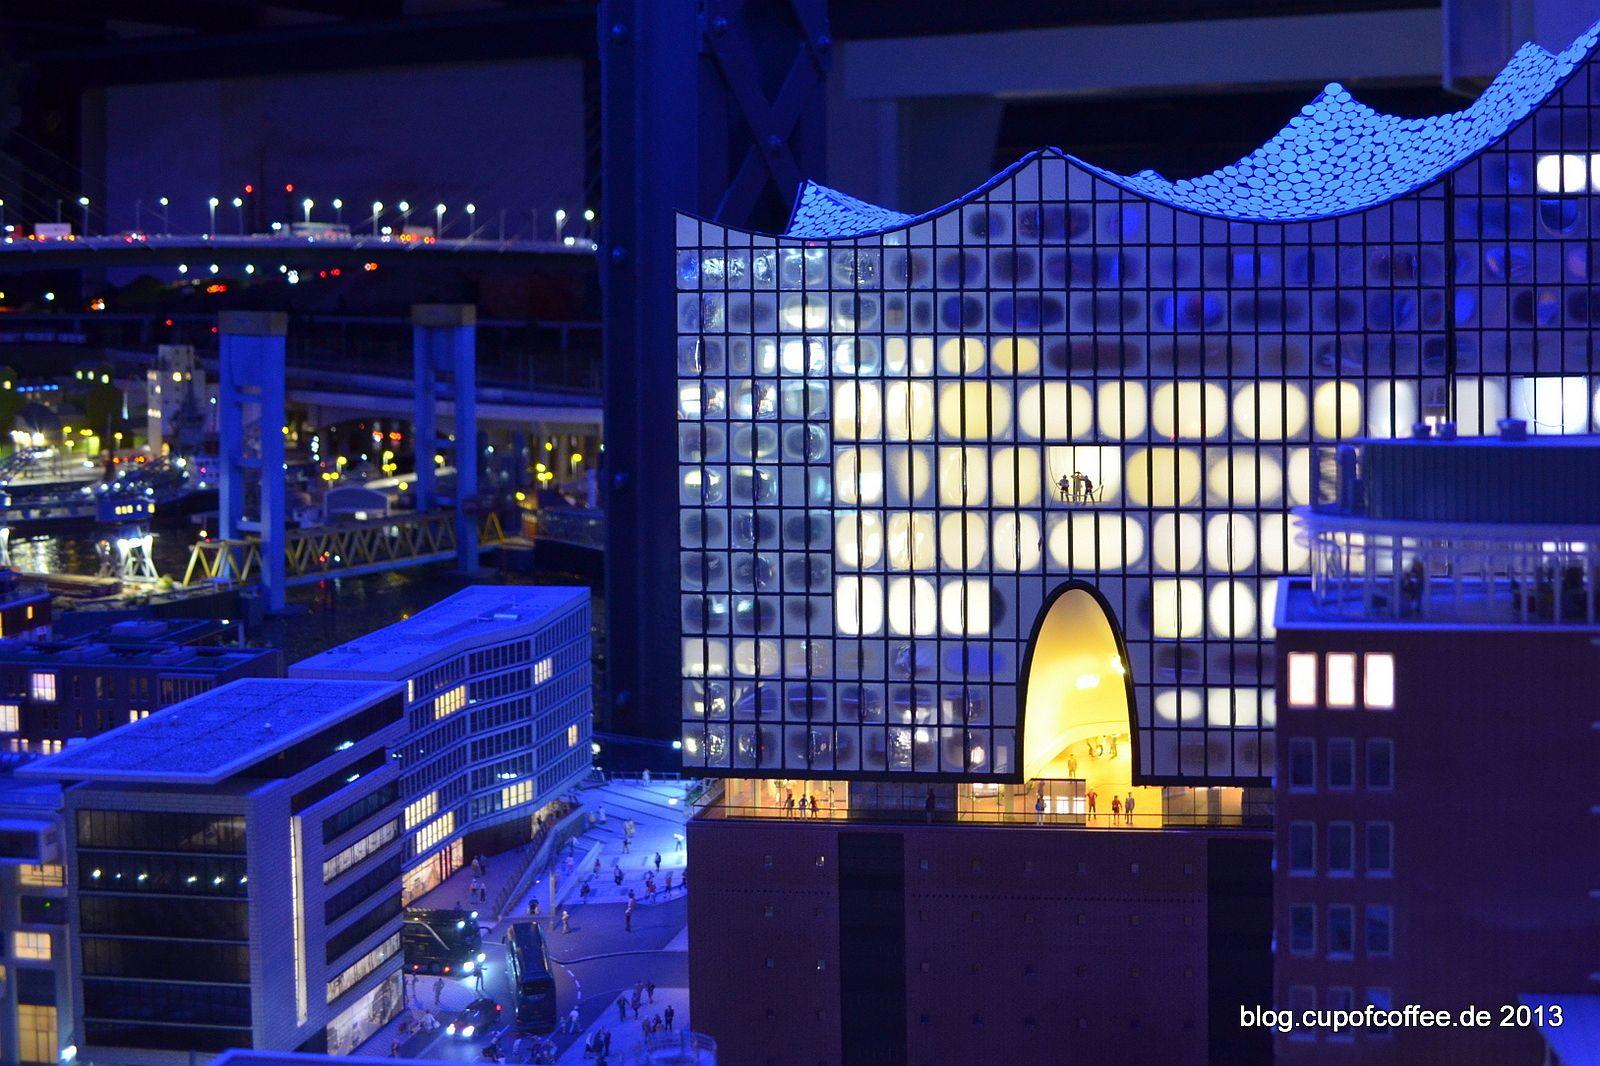 Bei Nacht sieht das beleuchtete Gebäude noch fantastischer aus.